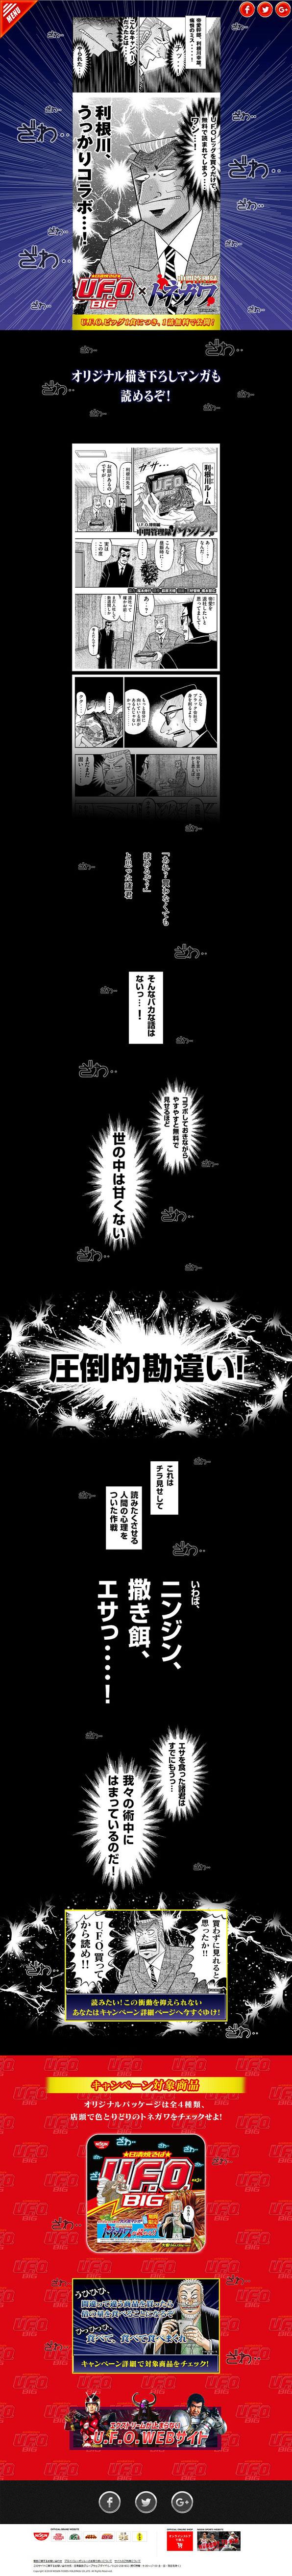 【日清食品】焼そば U.F.O. 中間管理録トネガワ・コラボレーション企画